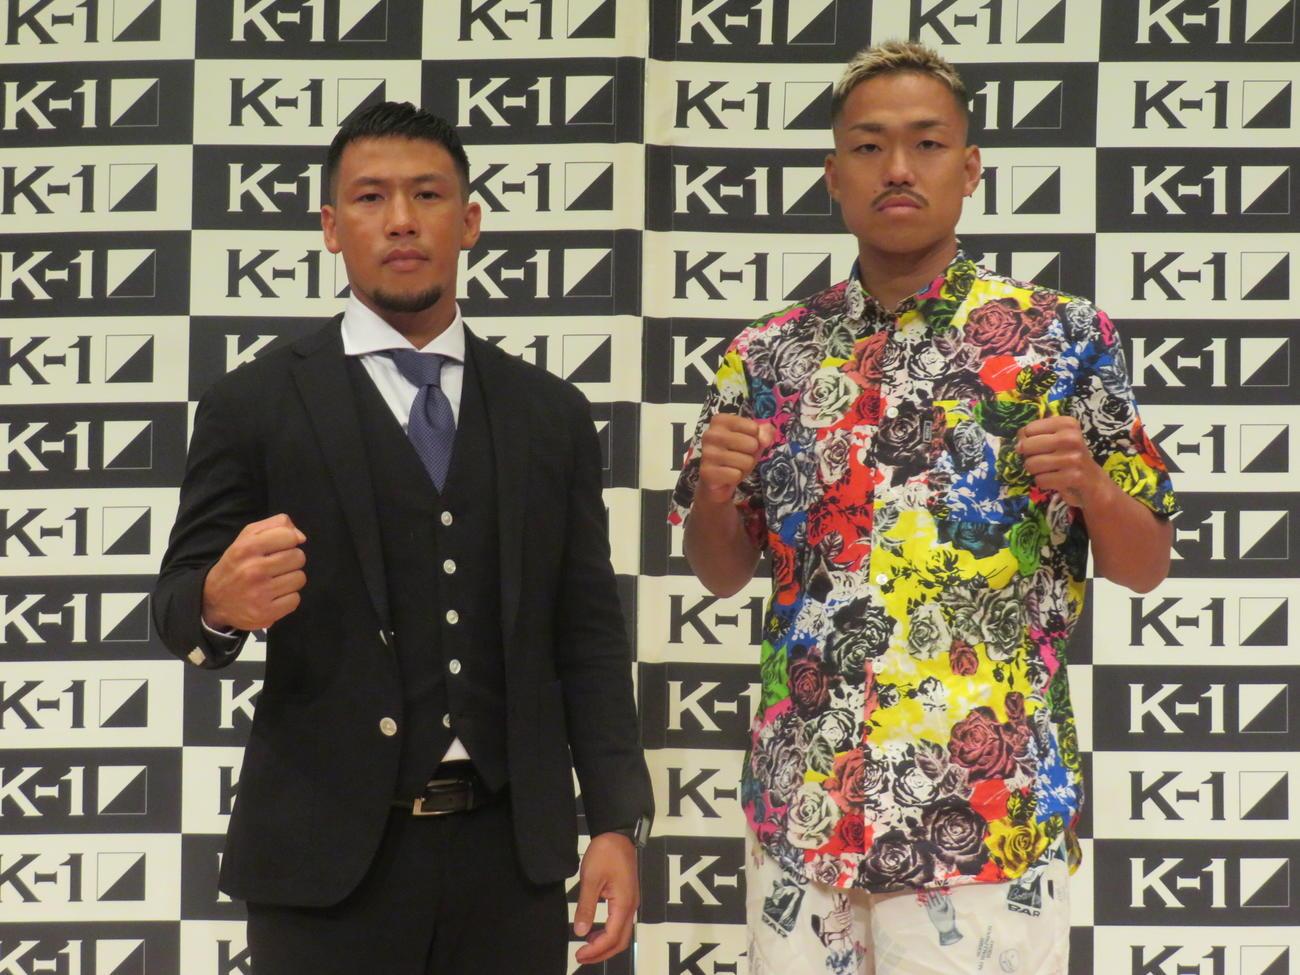 9月20日のK-1横浜大会で再戦が実現した元スーパーフェザー級王者卜部弘(左)と芦沢